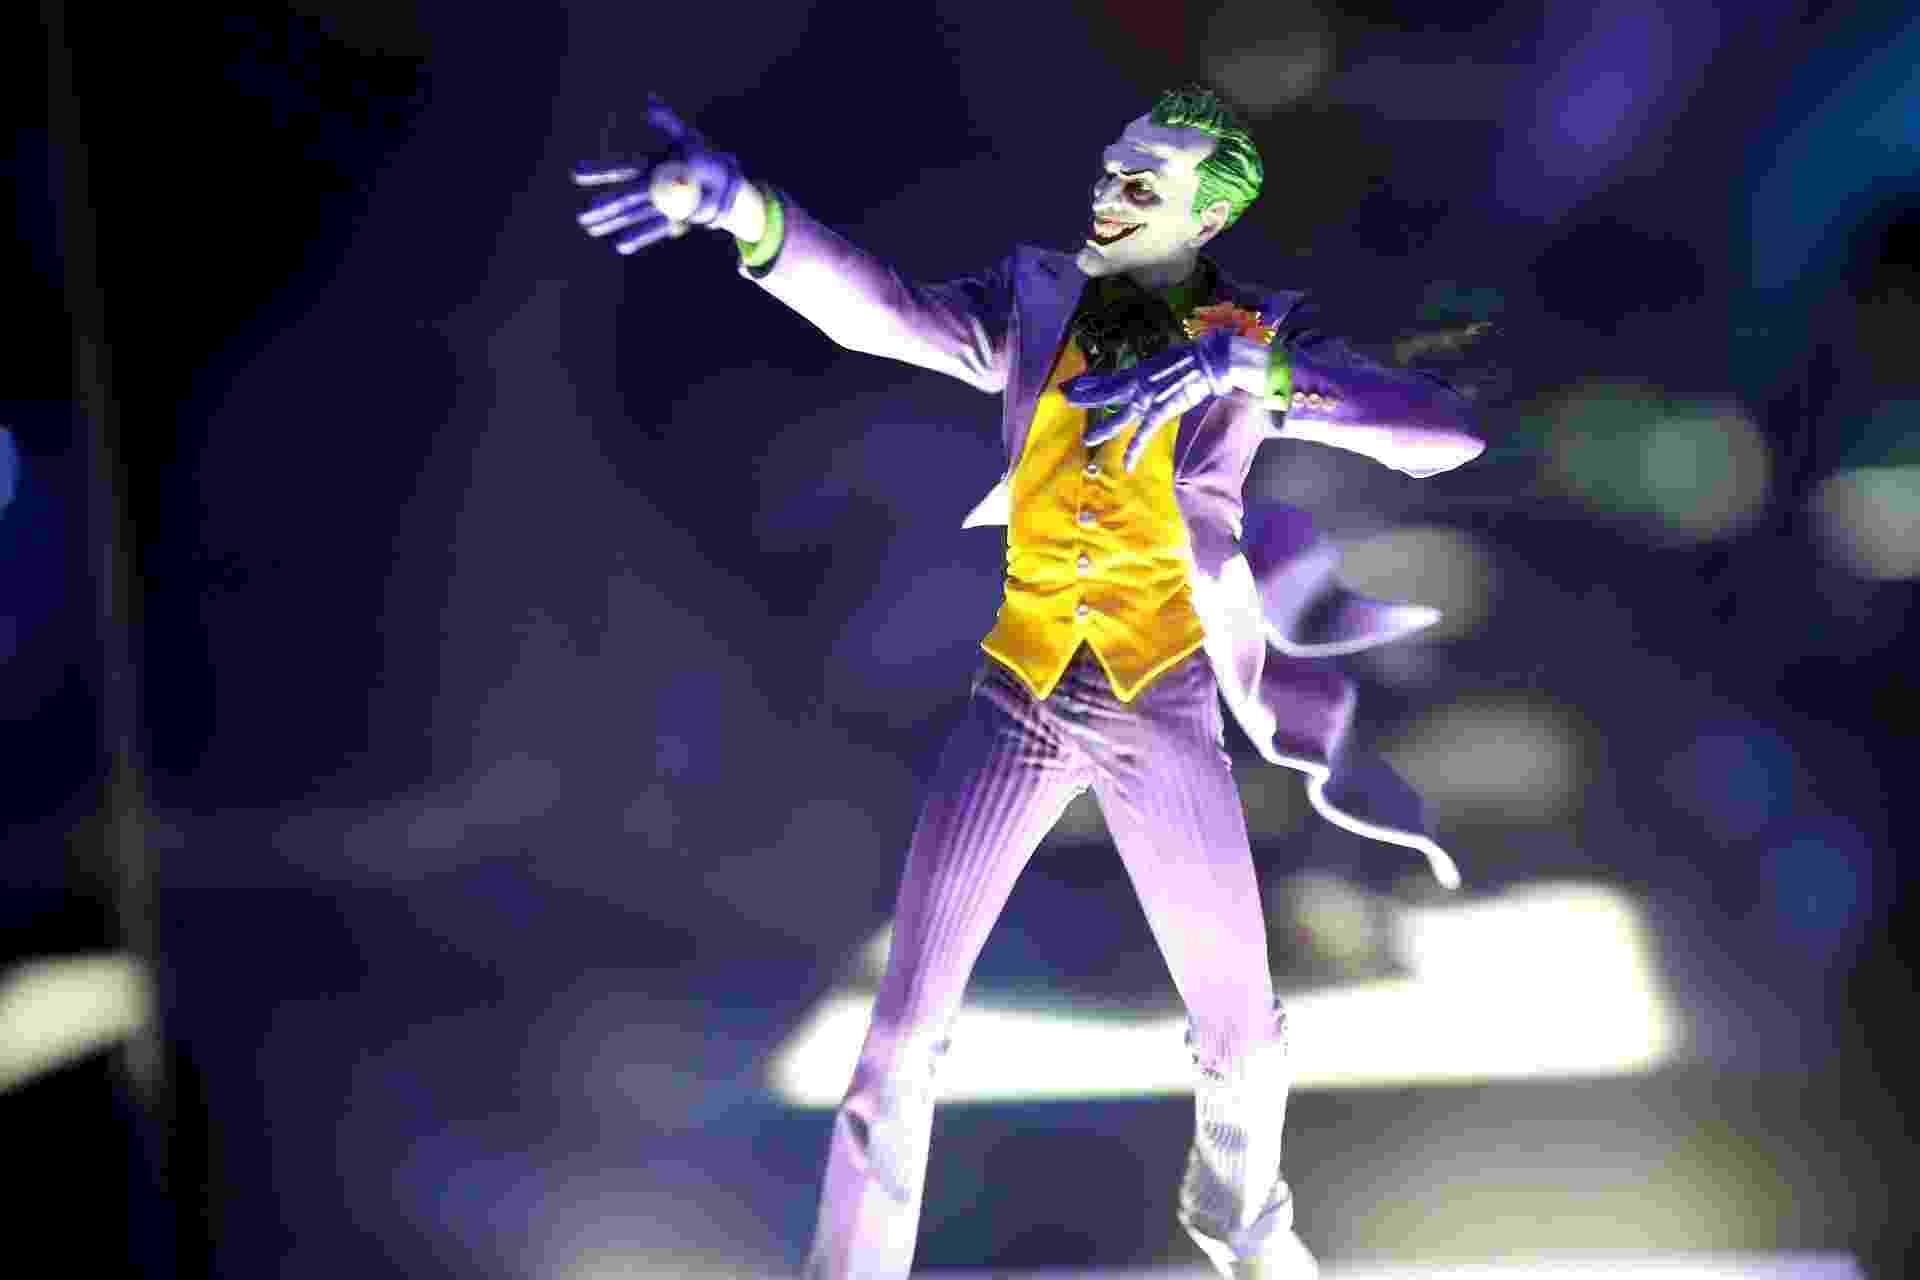 23.out.2015 - O universo de heróis e vilões da DC Comics são o tema de uma exposição na Iron Studios Concept Store, de 22 de outubro a 1º de dezembro. A entrada é gratuita - Derek Flores /UOL